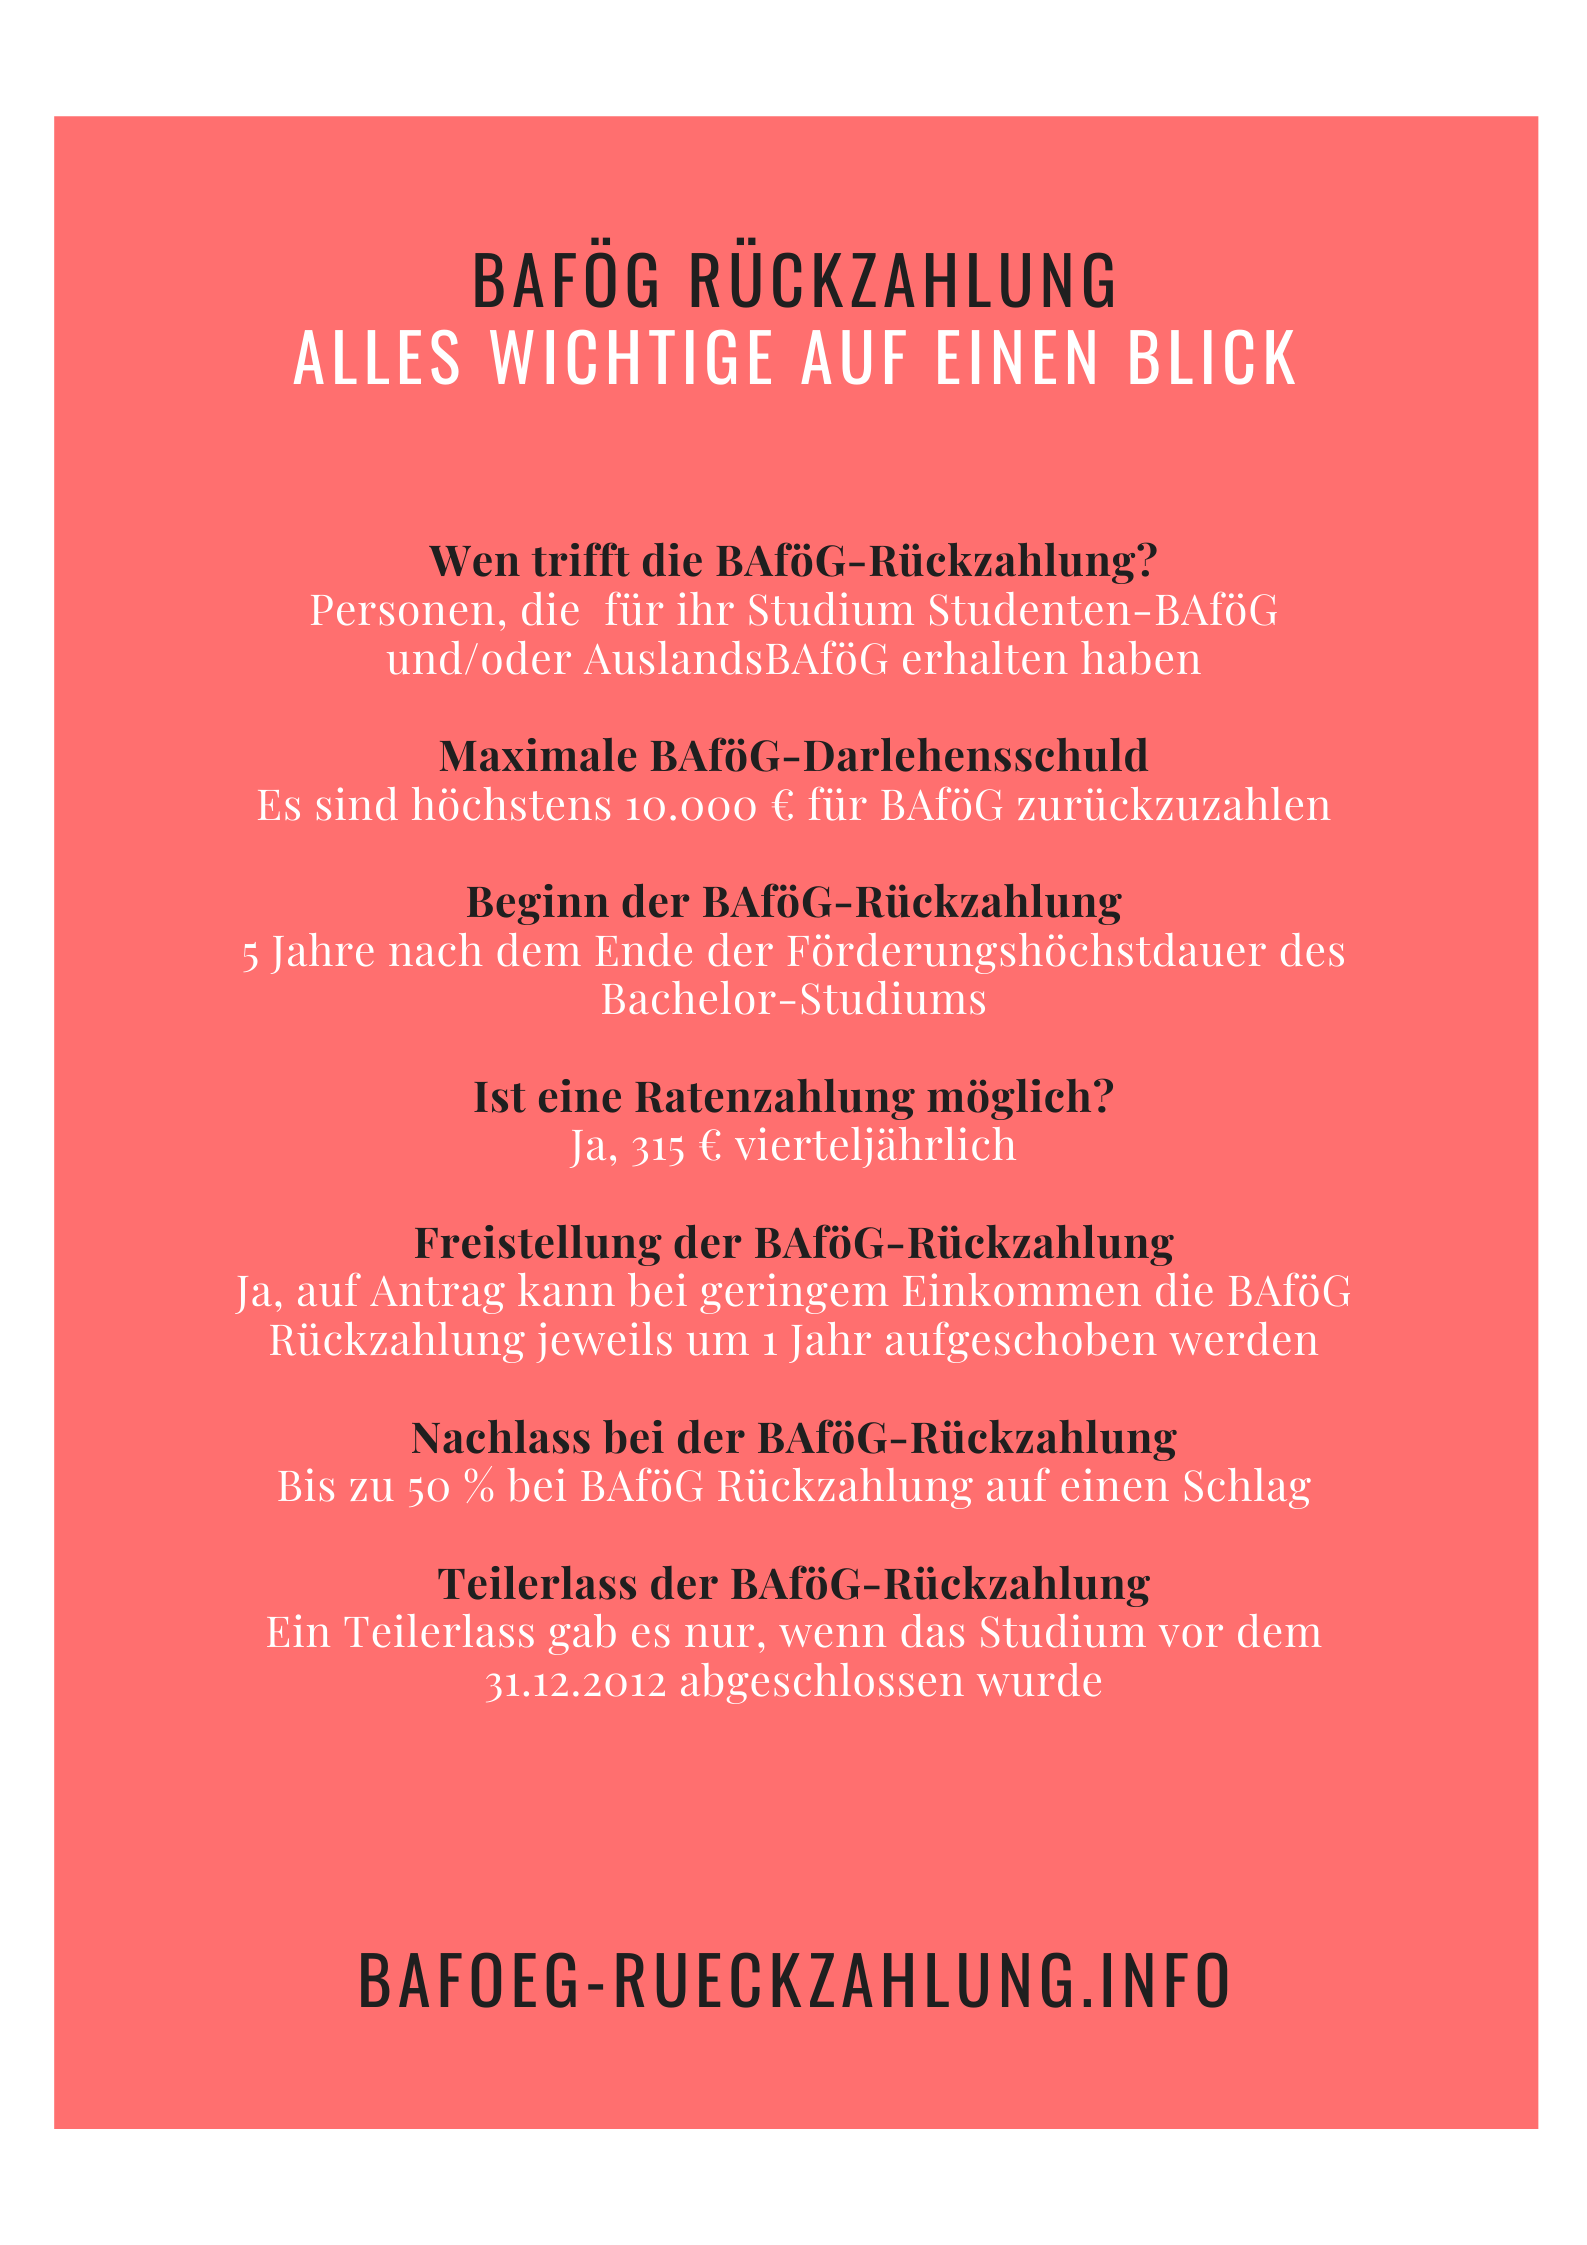 Bafög Rückzahlung - Alles wichtige auf einen Blick - Infografik